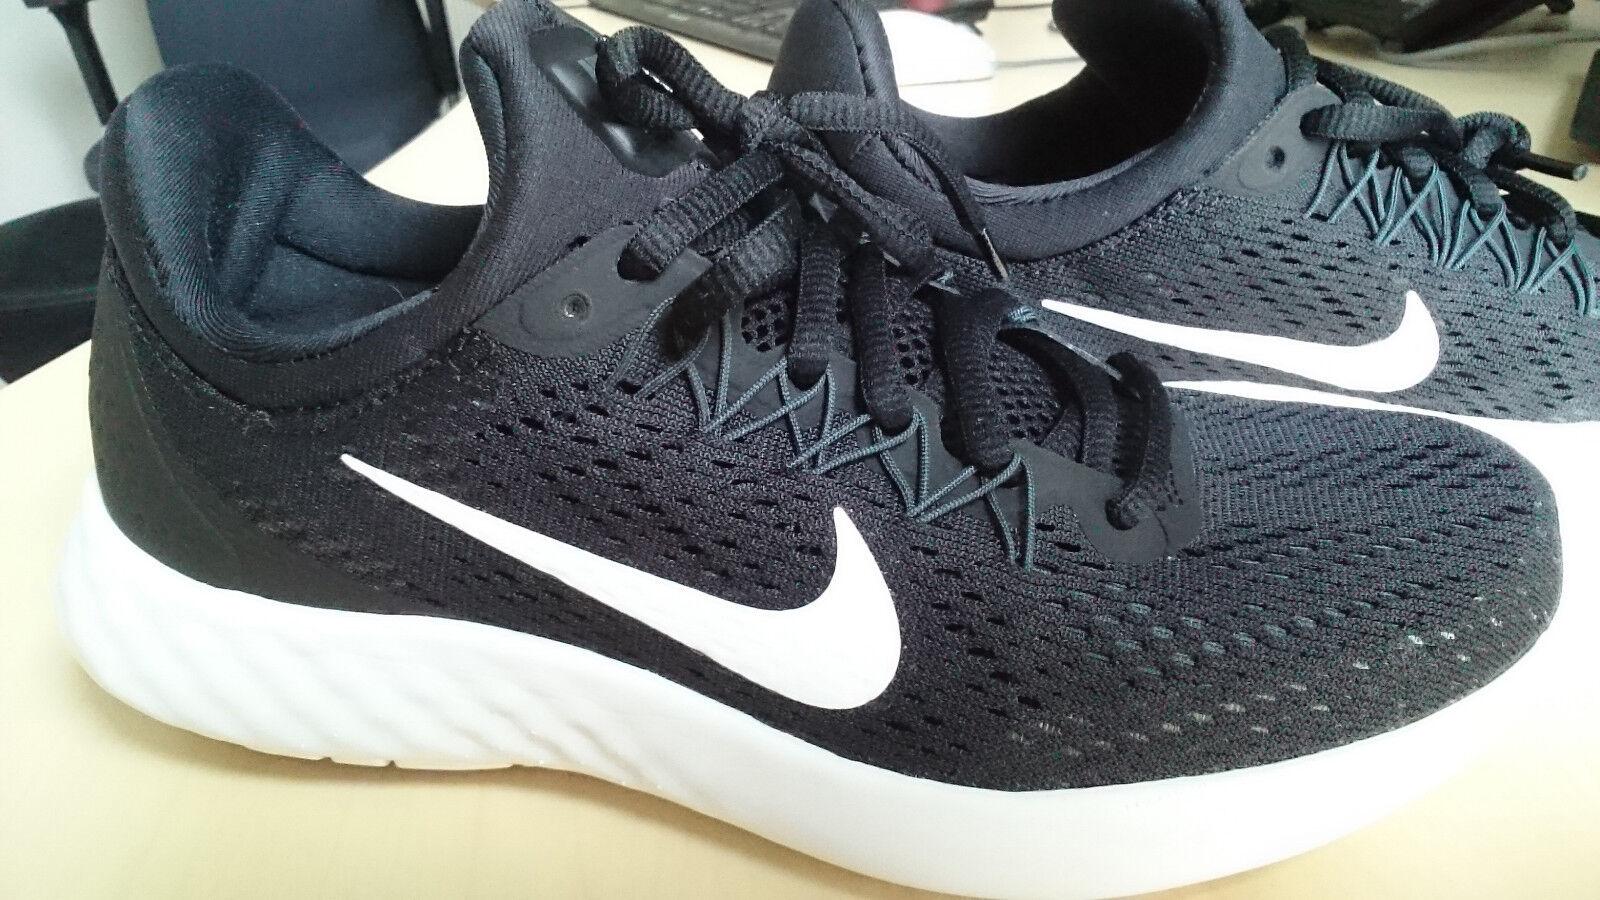 Nike Lunar Skyelux Damen Laufschuhe Sportschuhe Fitnessschuhe Gr.37.5